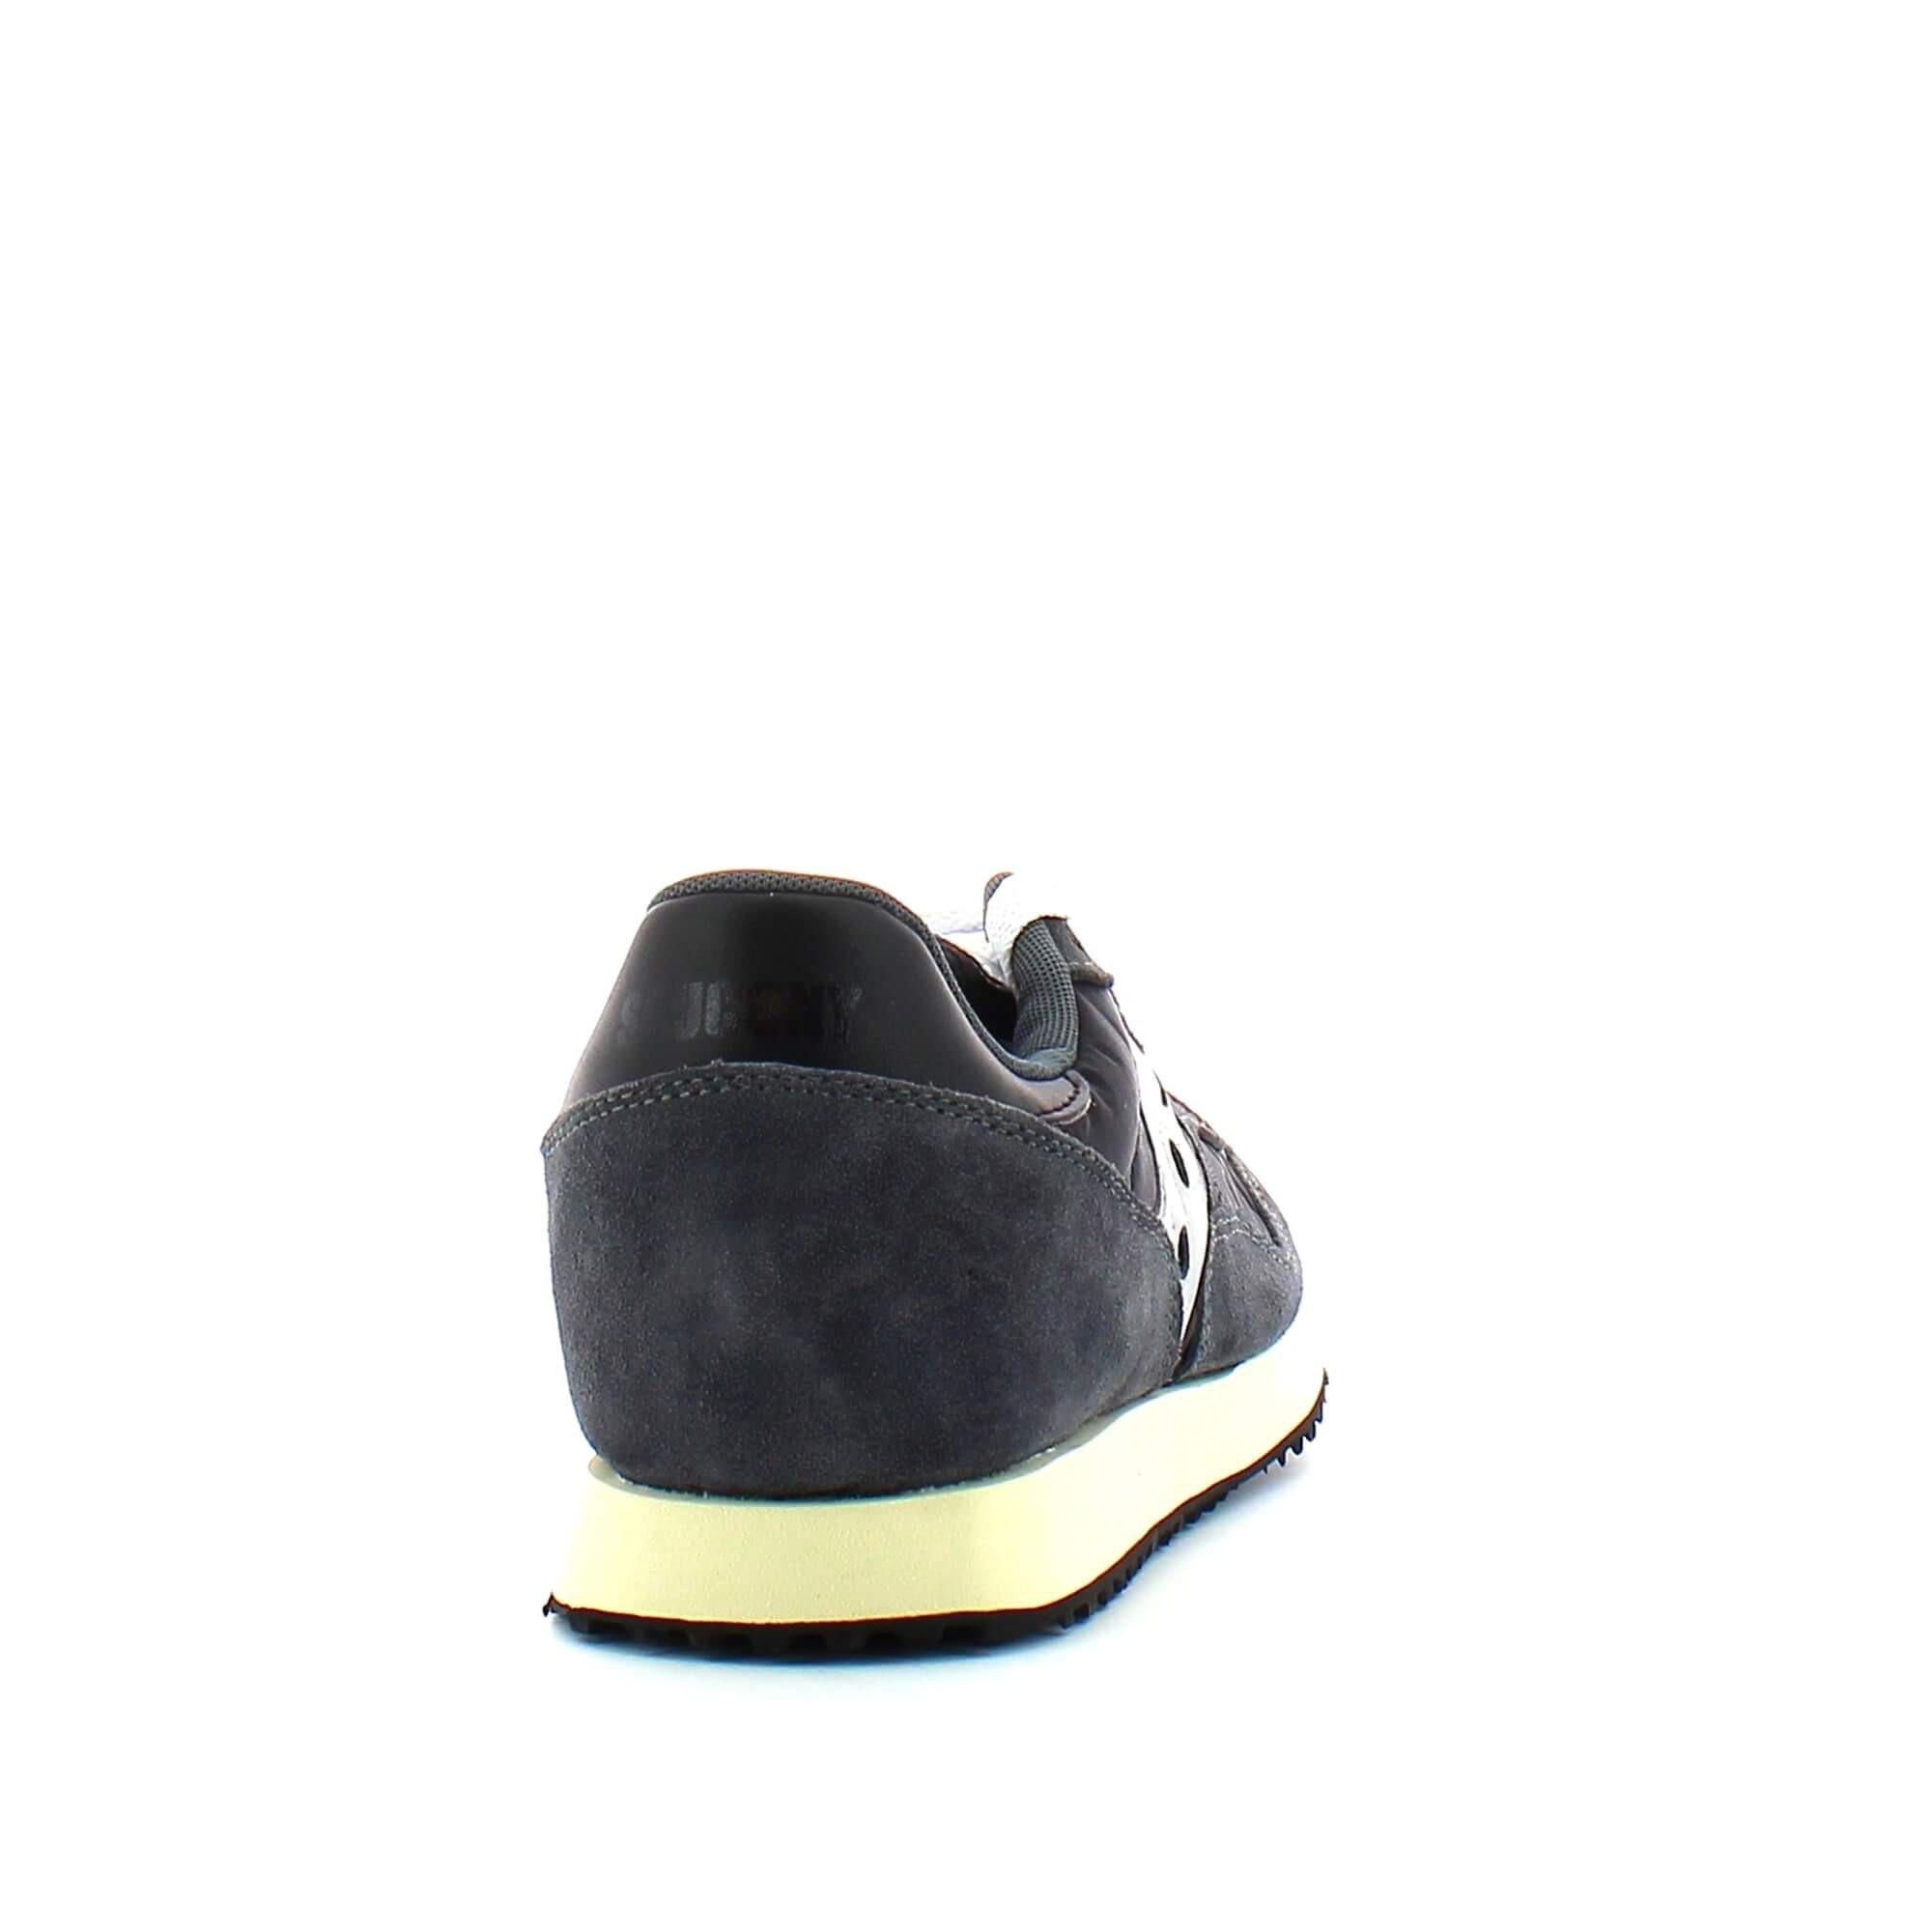 Zapatillas Saucony Dxn Vintage Negro Hombre Deportes Moya